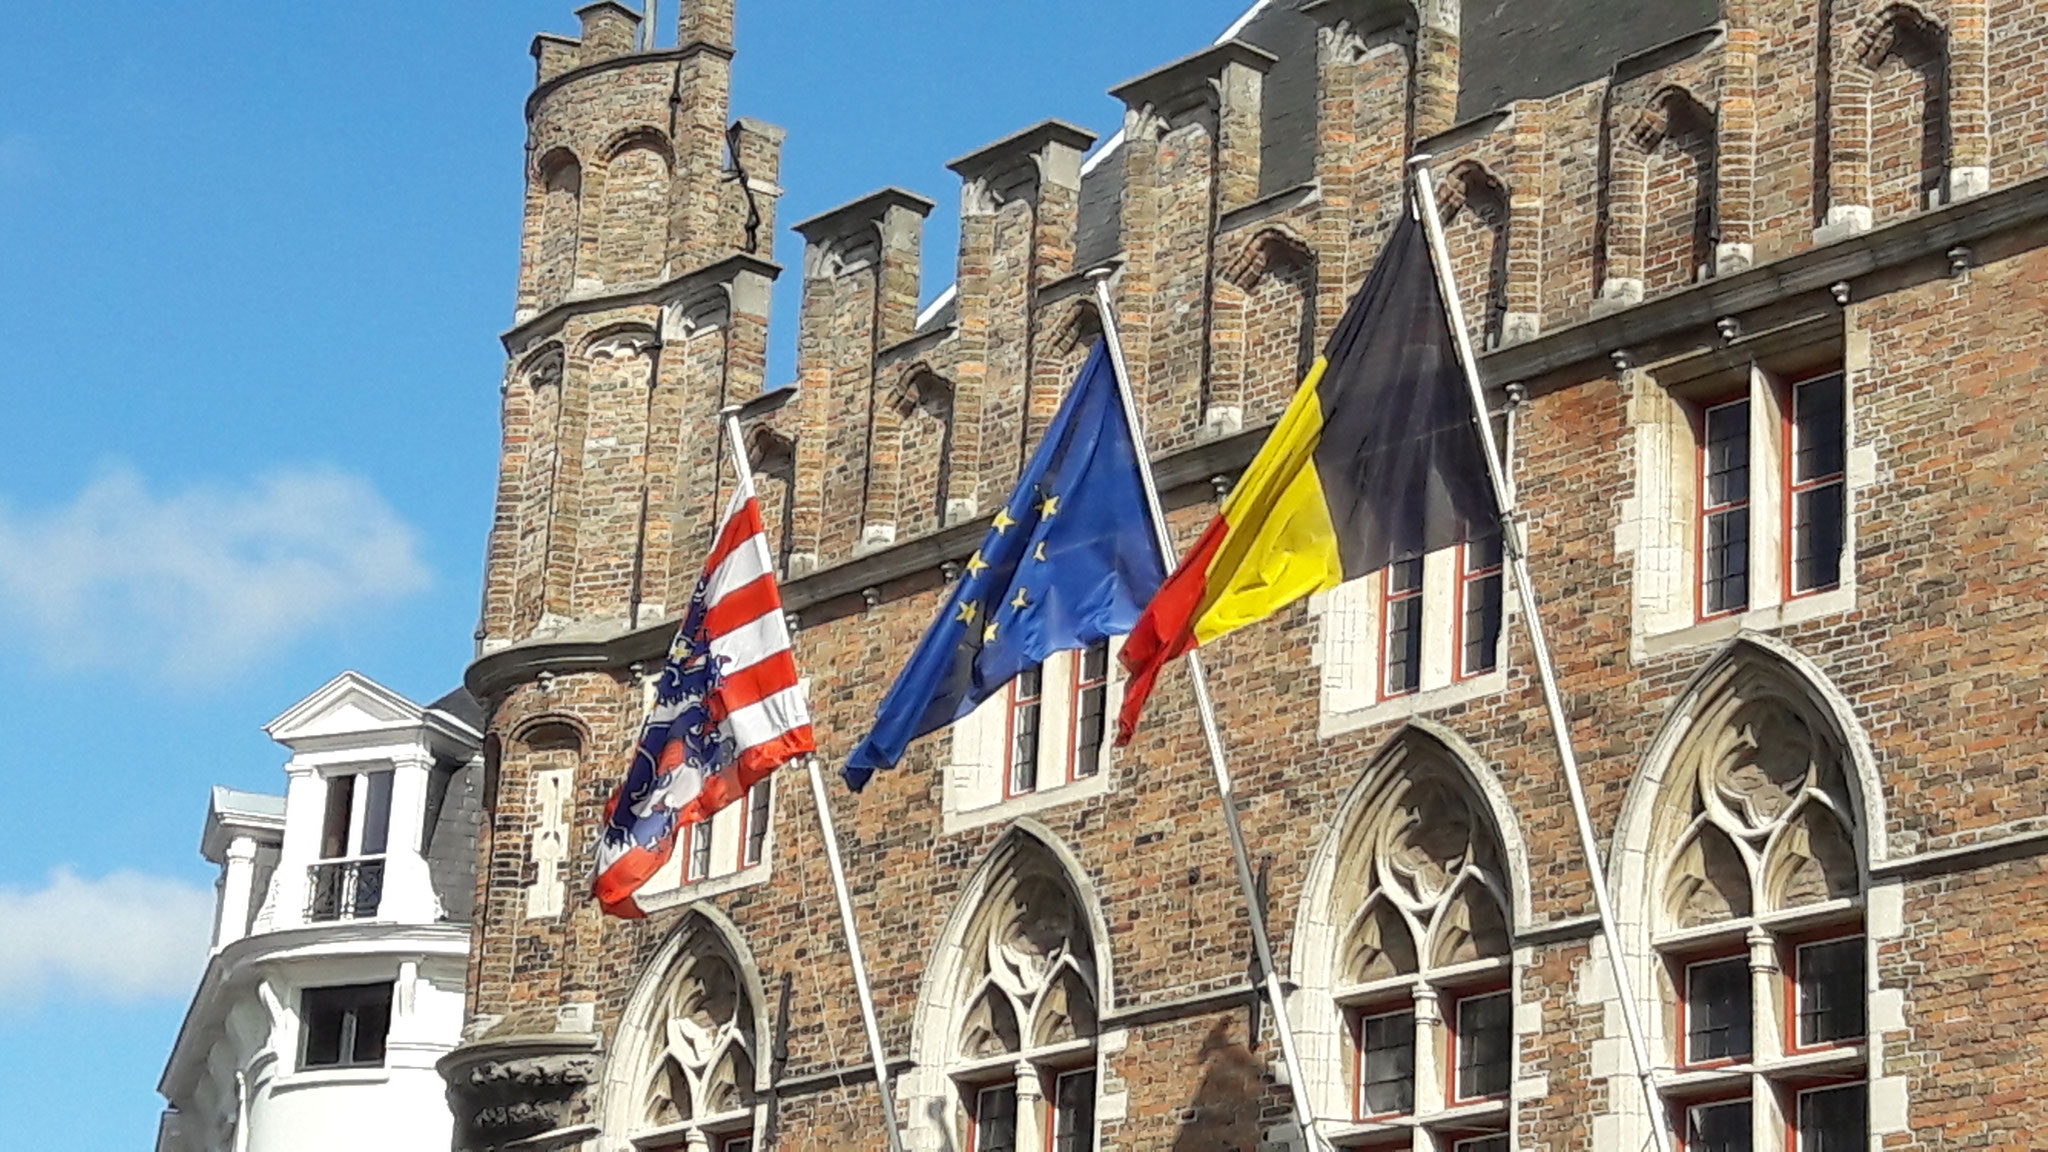 flämisch, europäisch und belgisch, friedlich im Wind